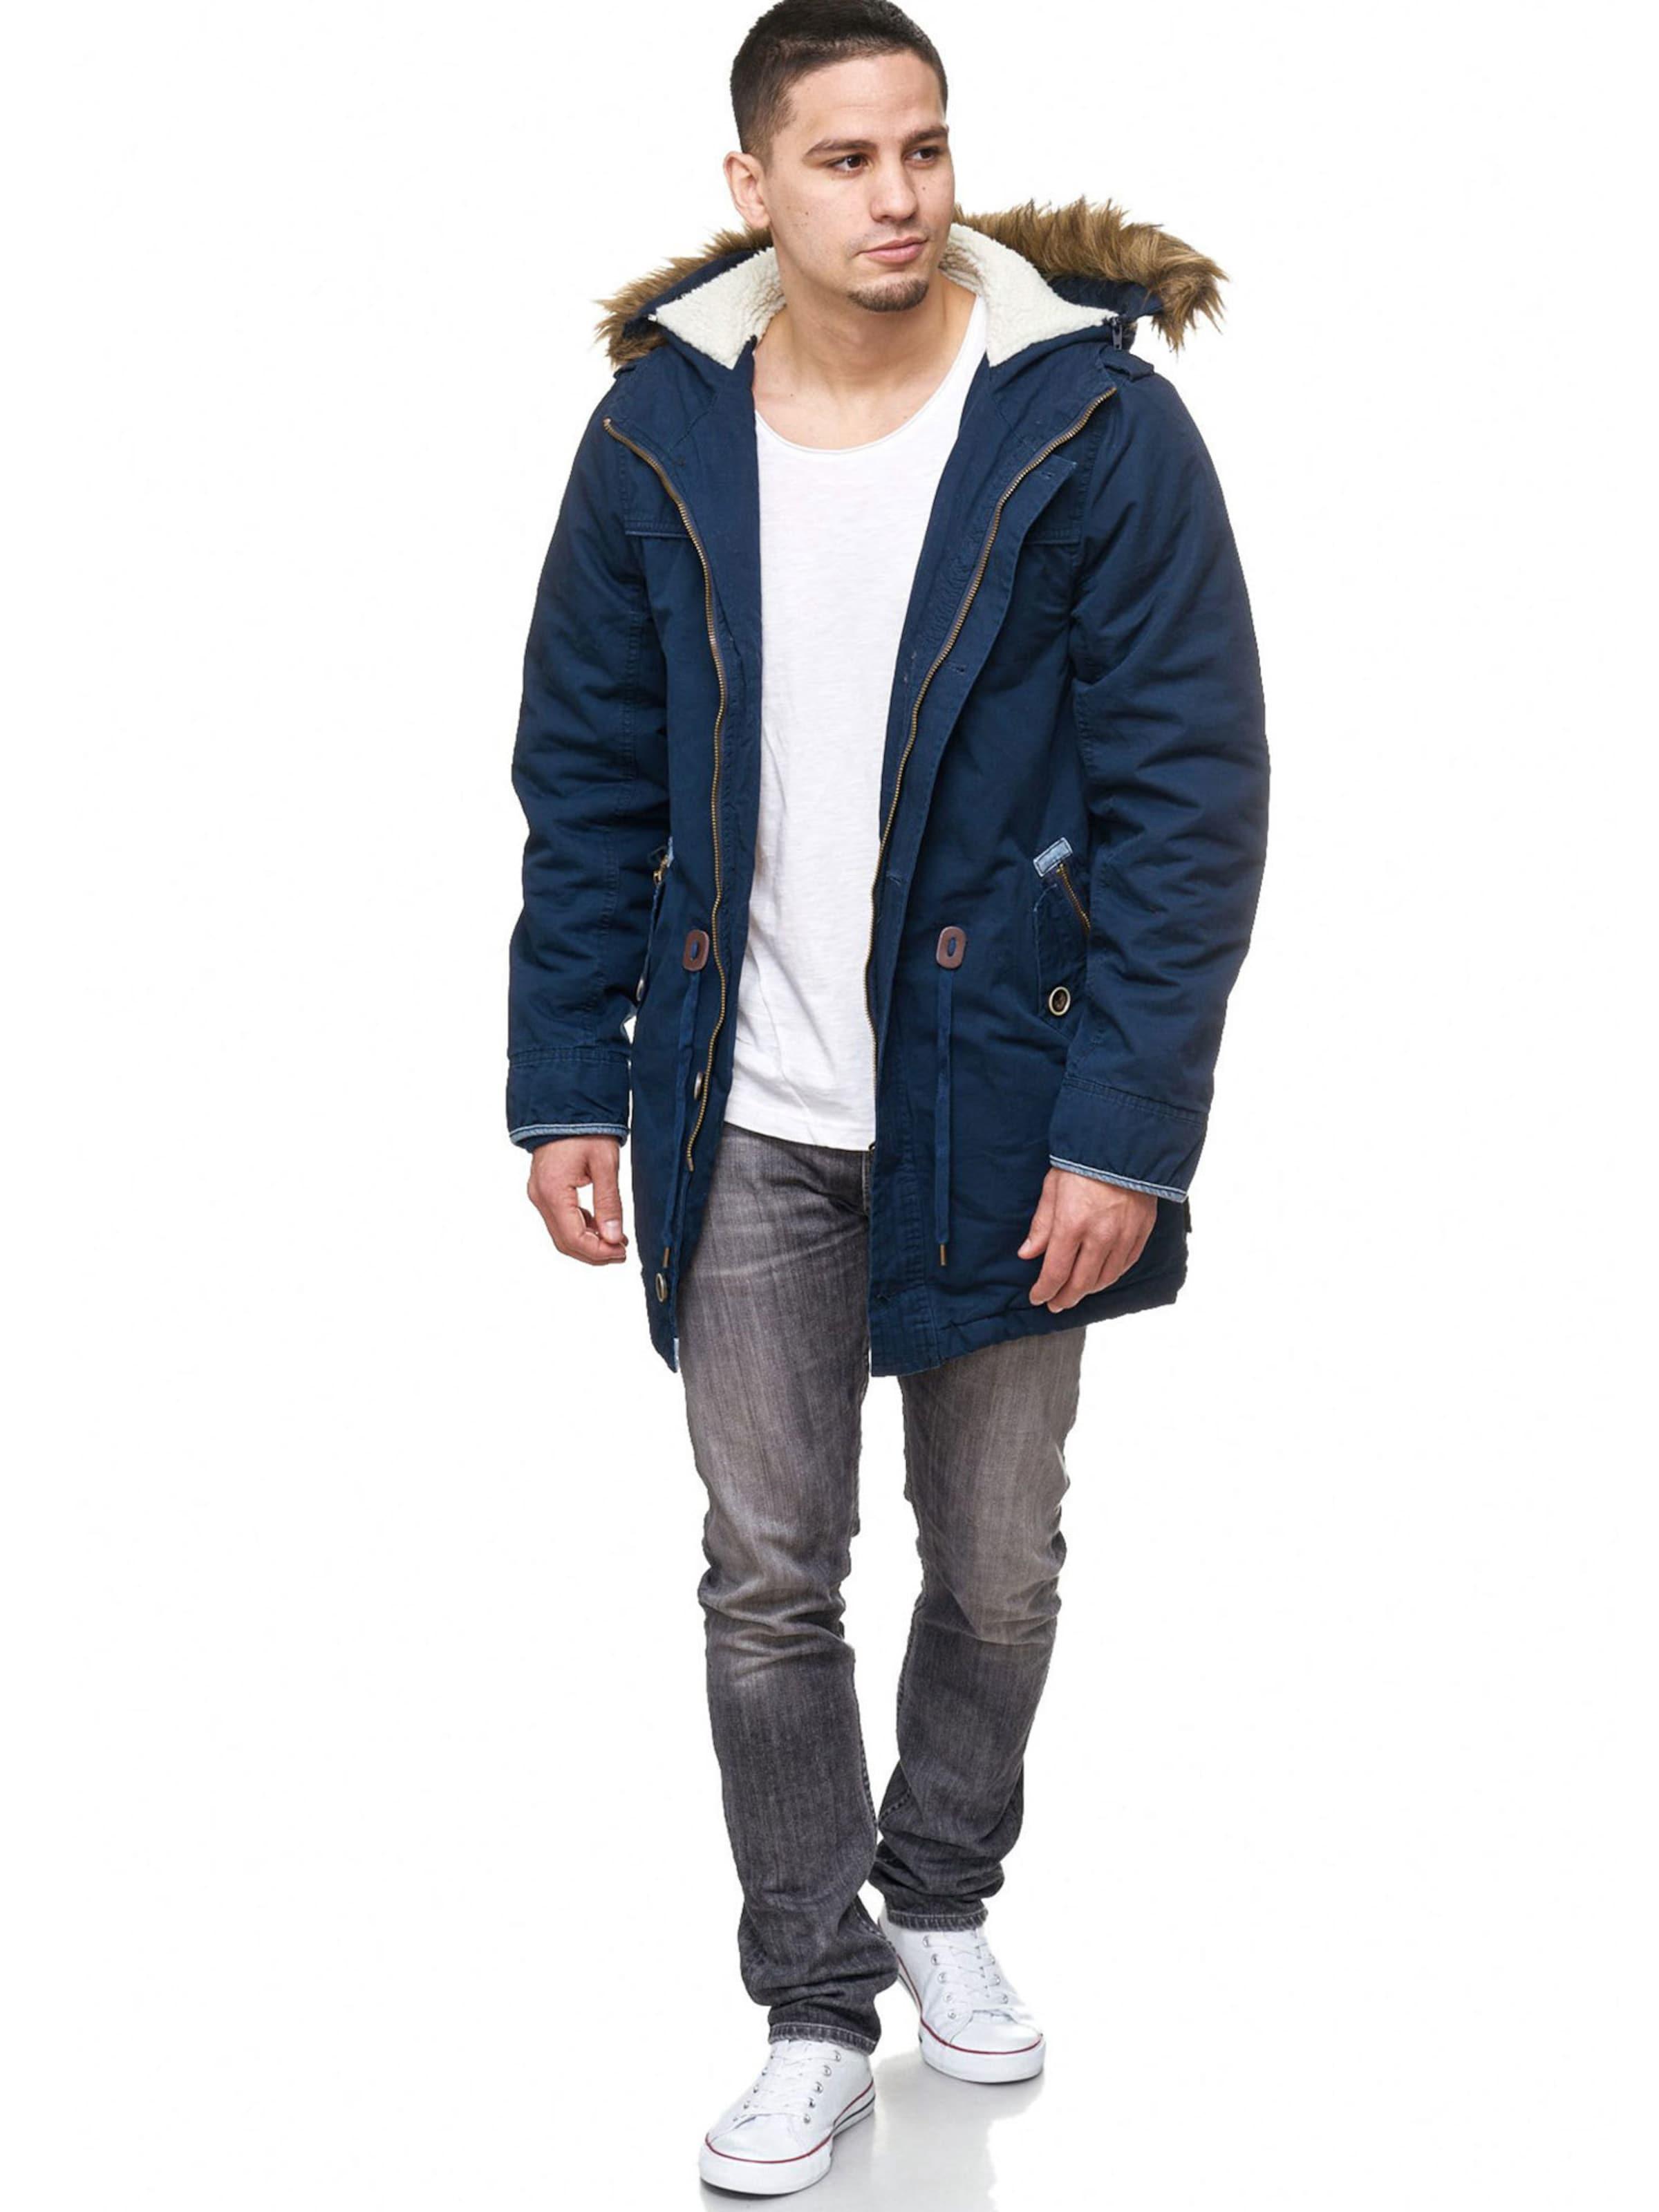 Jeans Bleu Foncé Indicode D'hiver Parka En qMSUGpzjLV